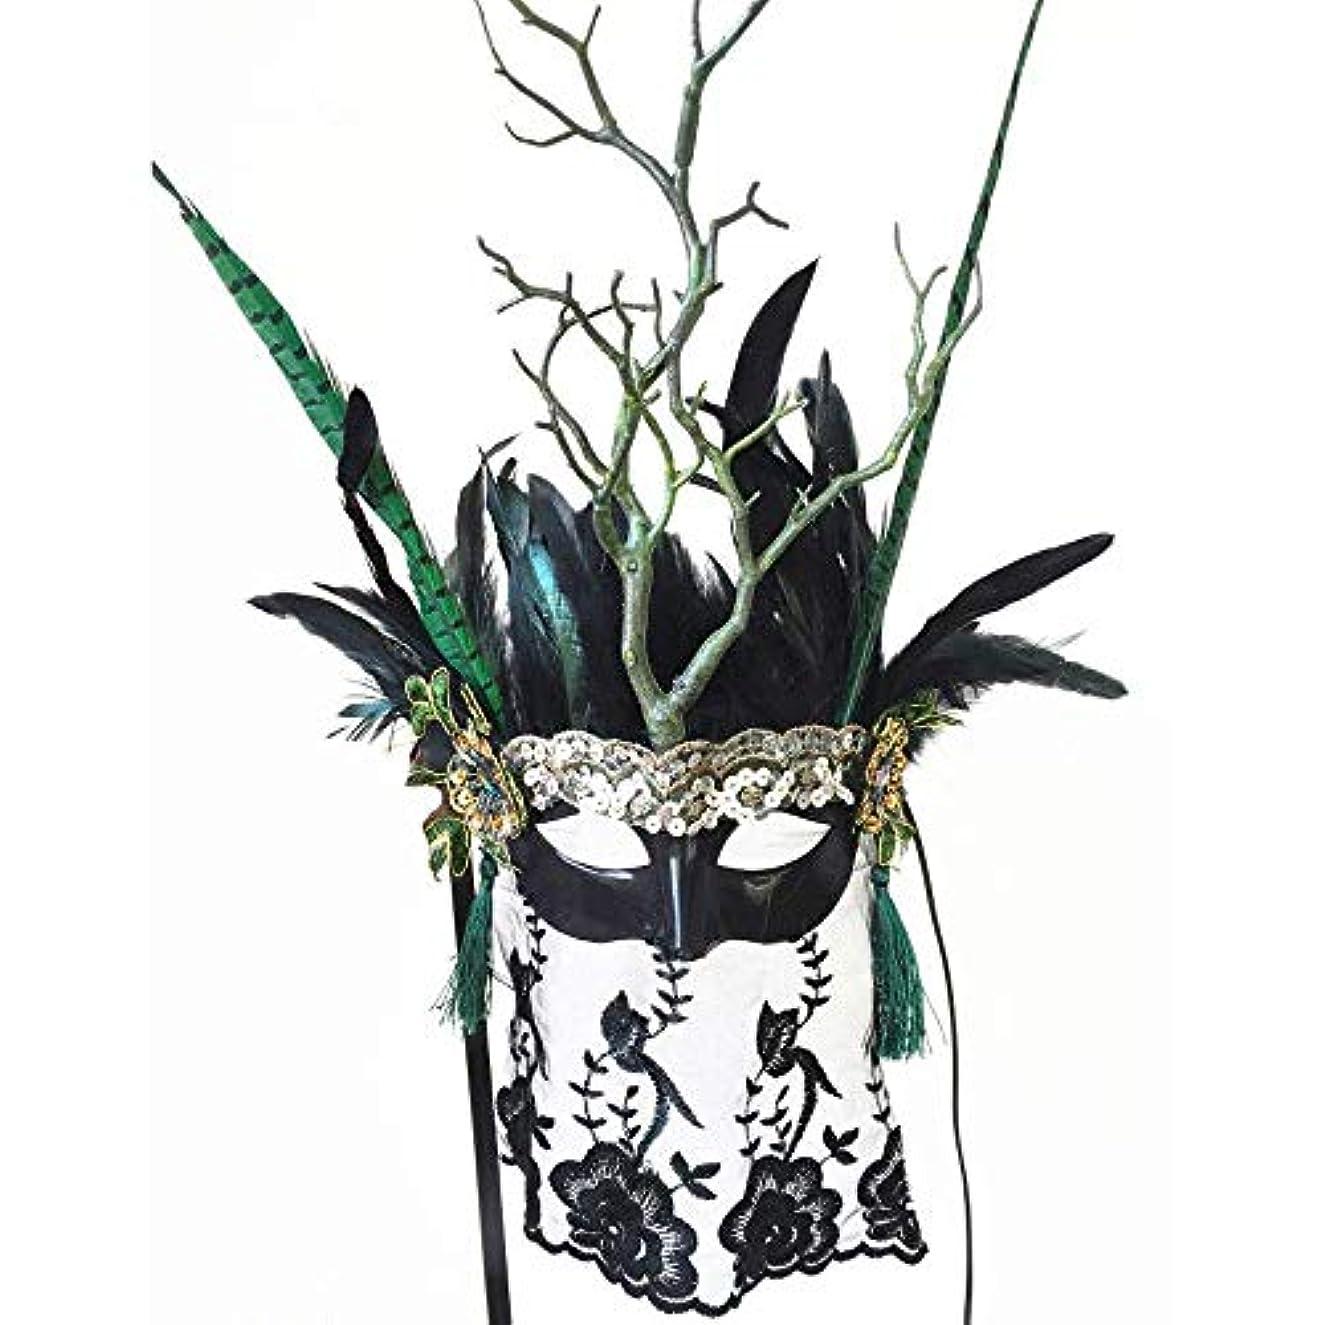 優越一緒にひらめきNanle ハロウィーンクリスマスドライブランチレースフェザースパンコールタッセルベールマスク仮装マスクレディミスプリンセス美しさの祭りパーティー装飾マスク (色 : Style A)